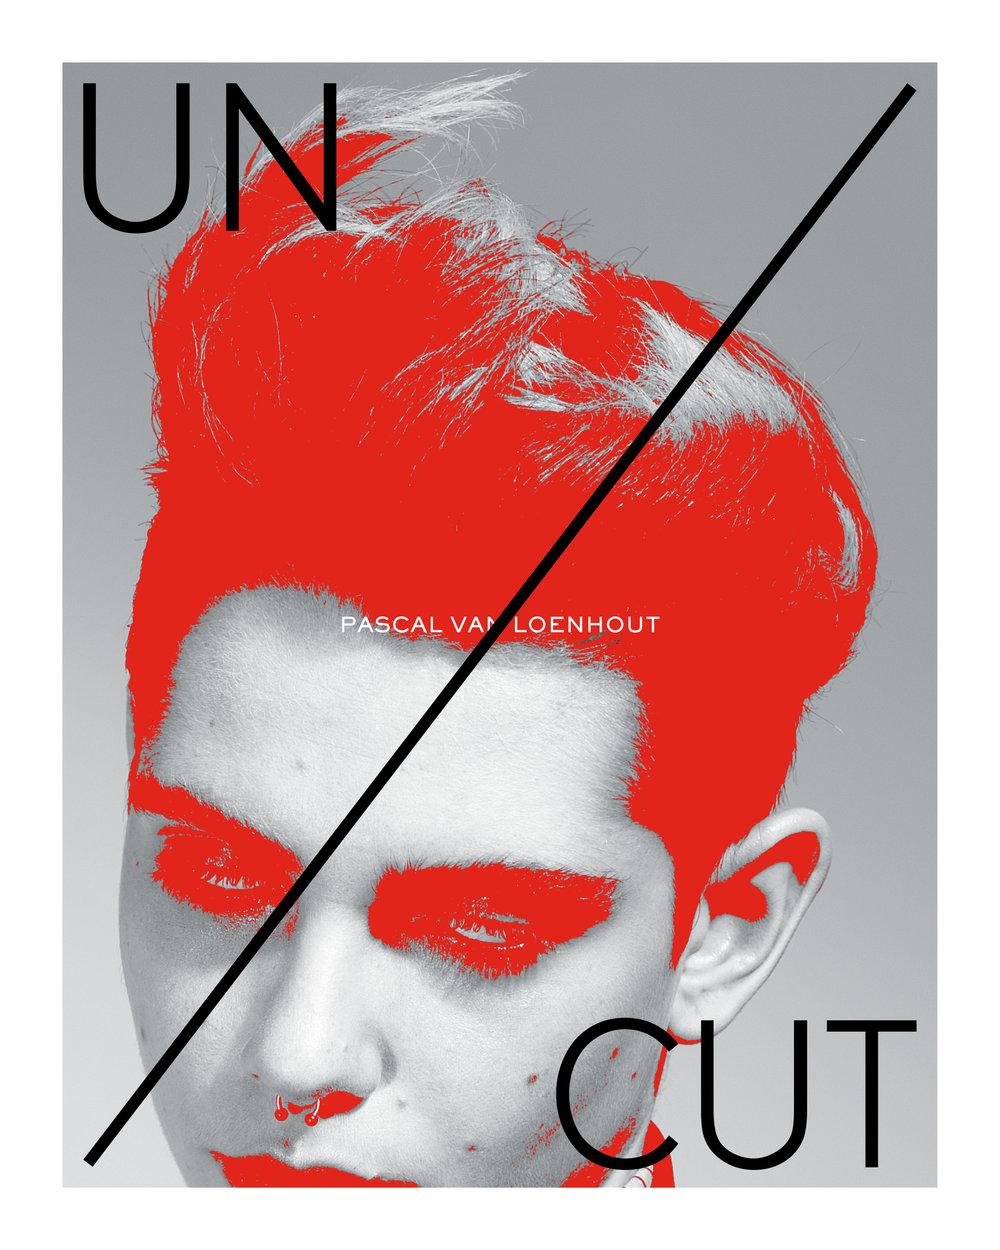 UN-CUT PVL COVER.jpg